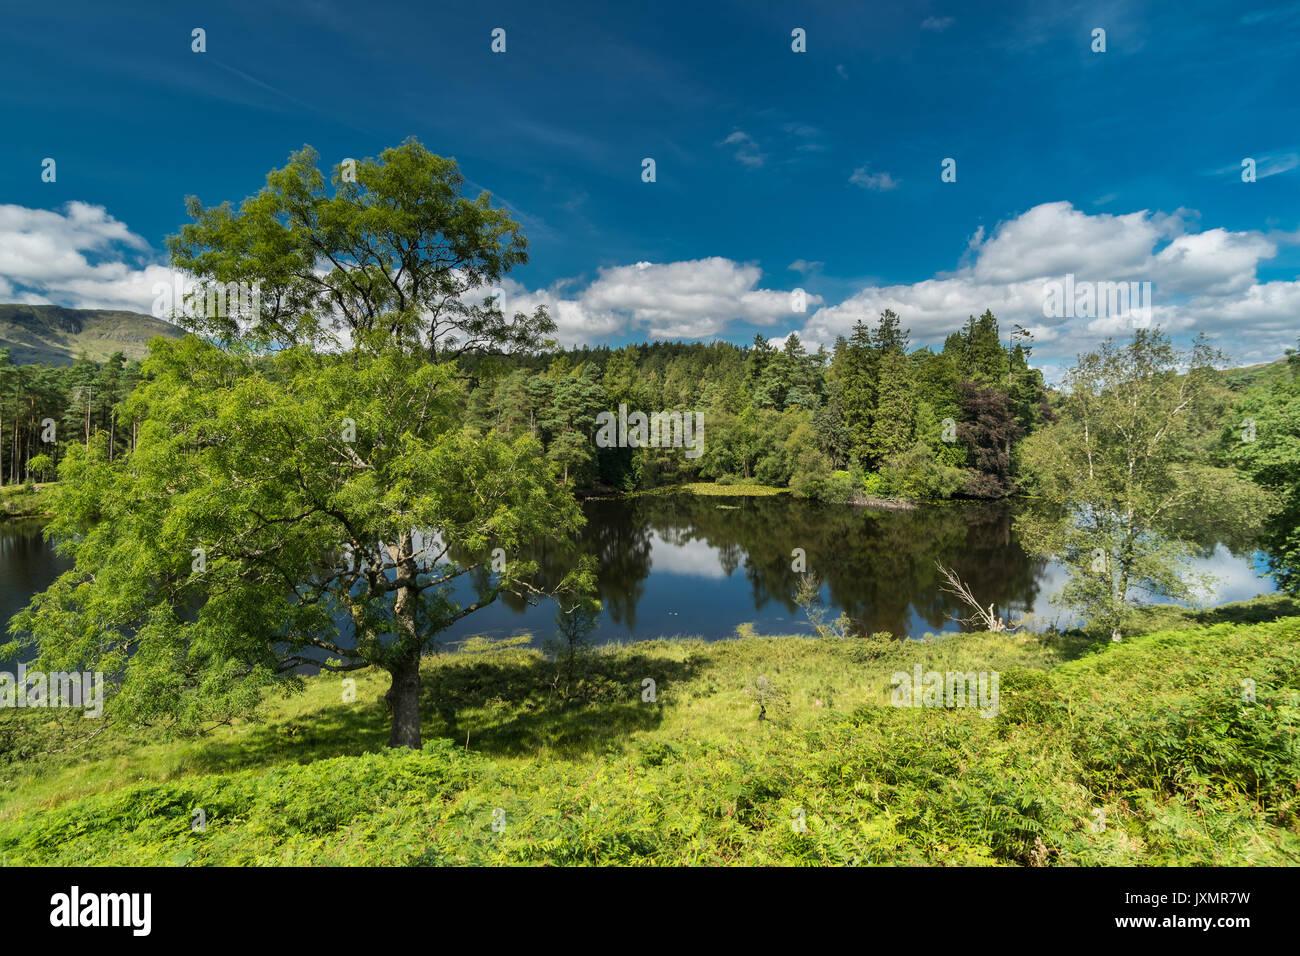 Tarn Howes Cumbria - Stock Image